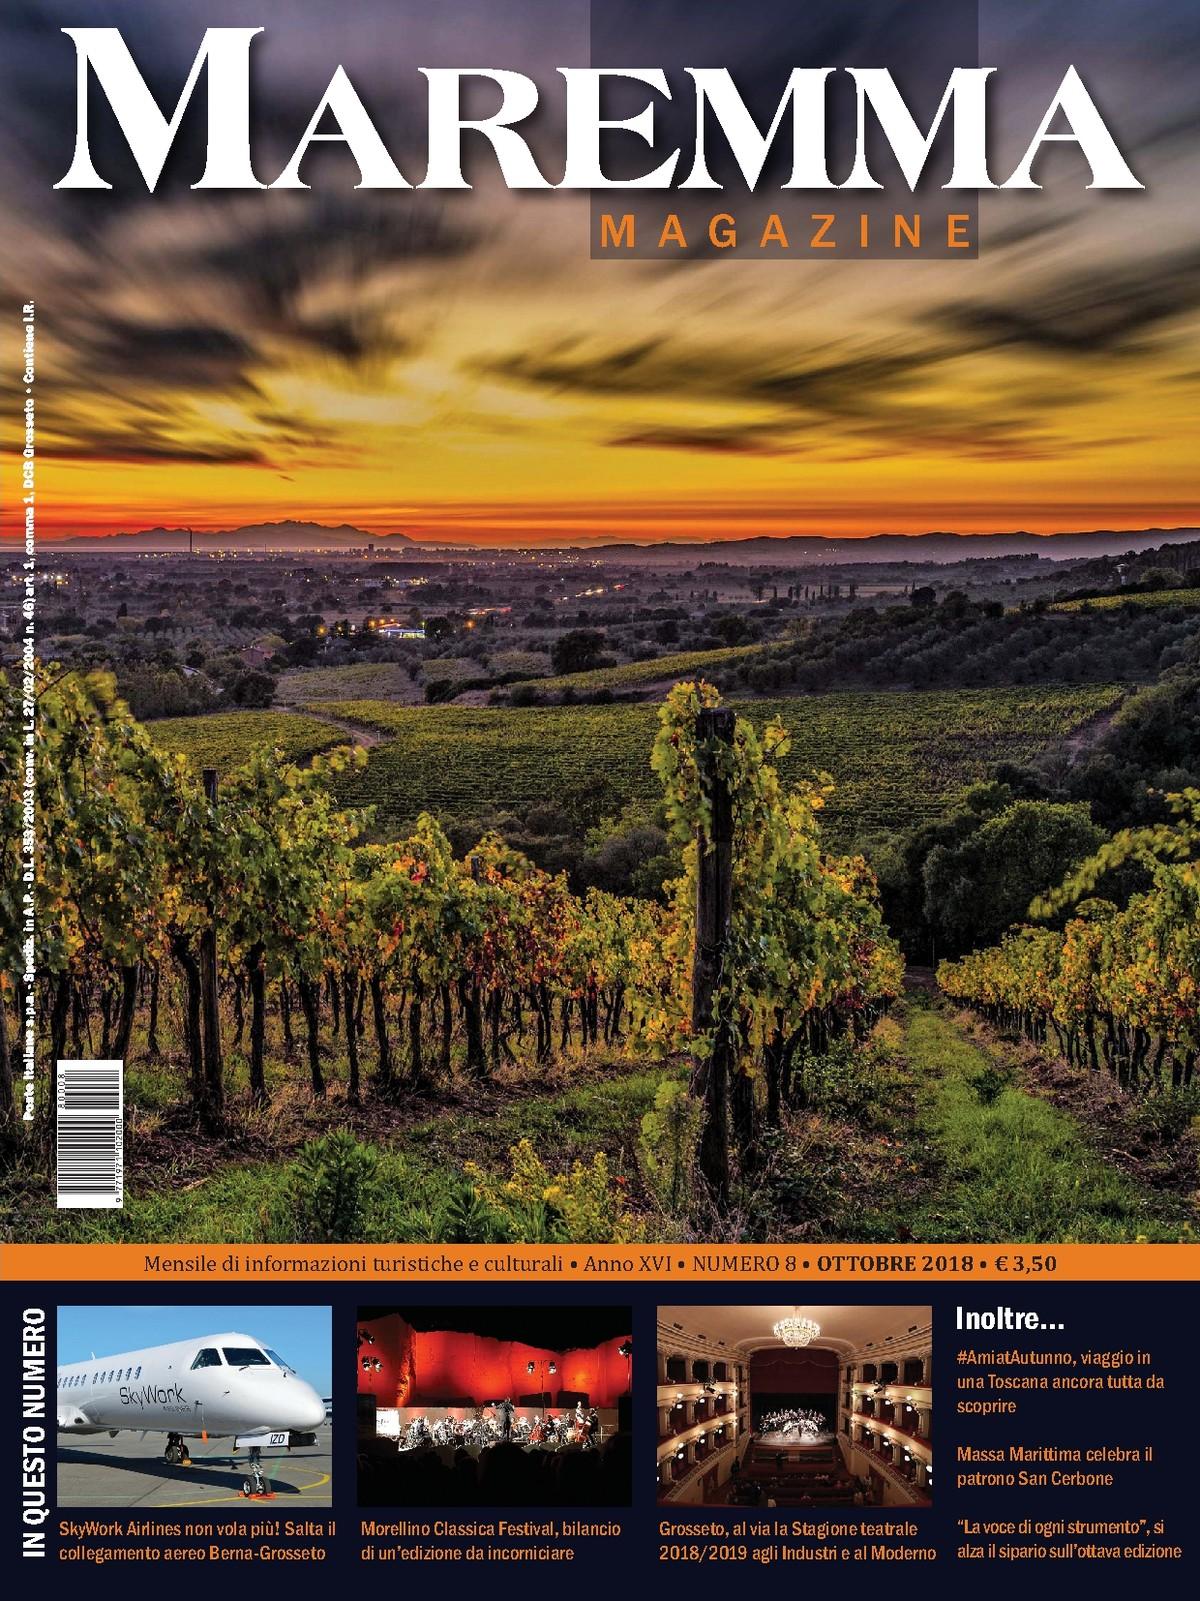 8324183372 Maremma Magazine - OTTOBRE 2017 - Numero 8 - [CS Edizioni srl]